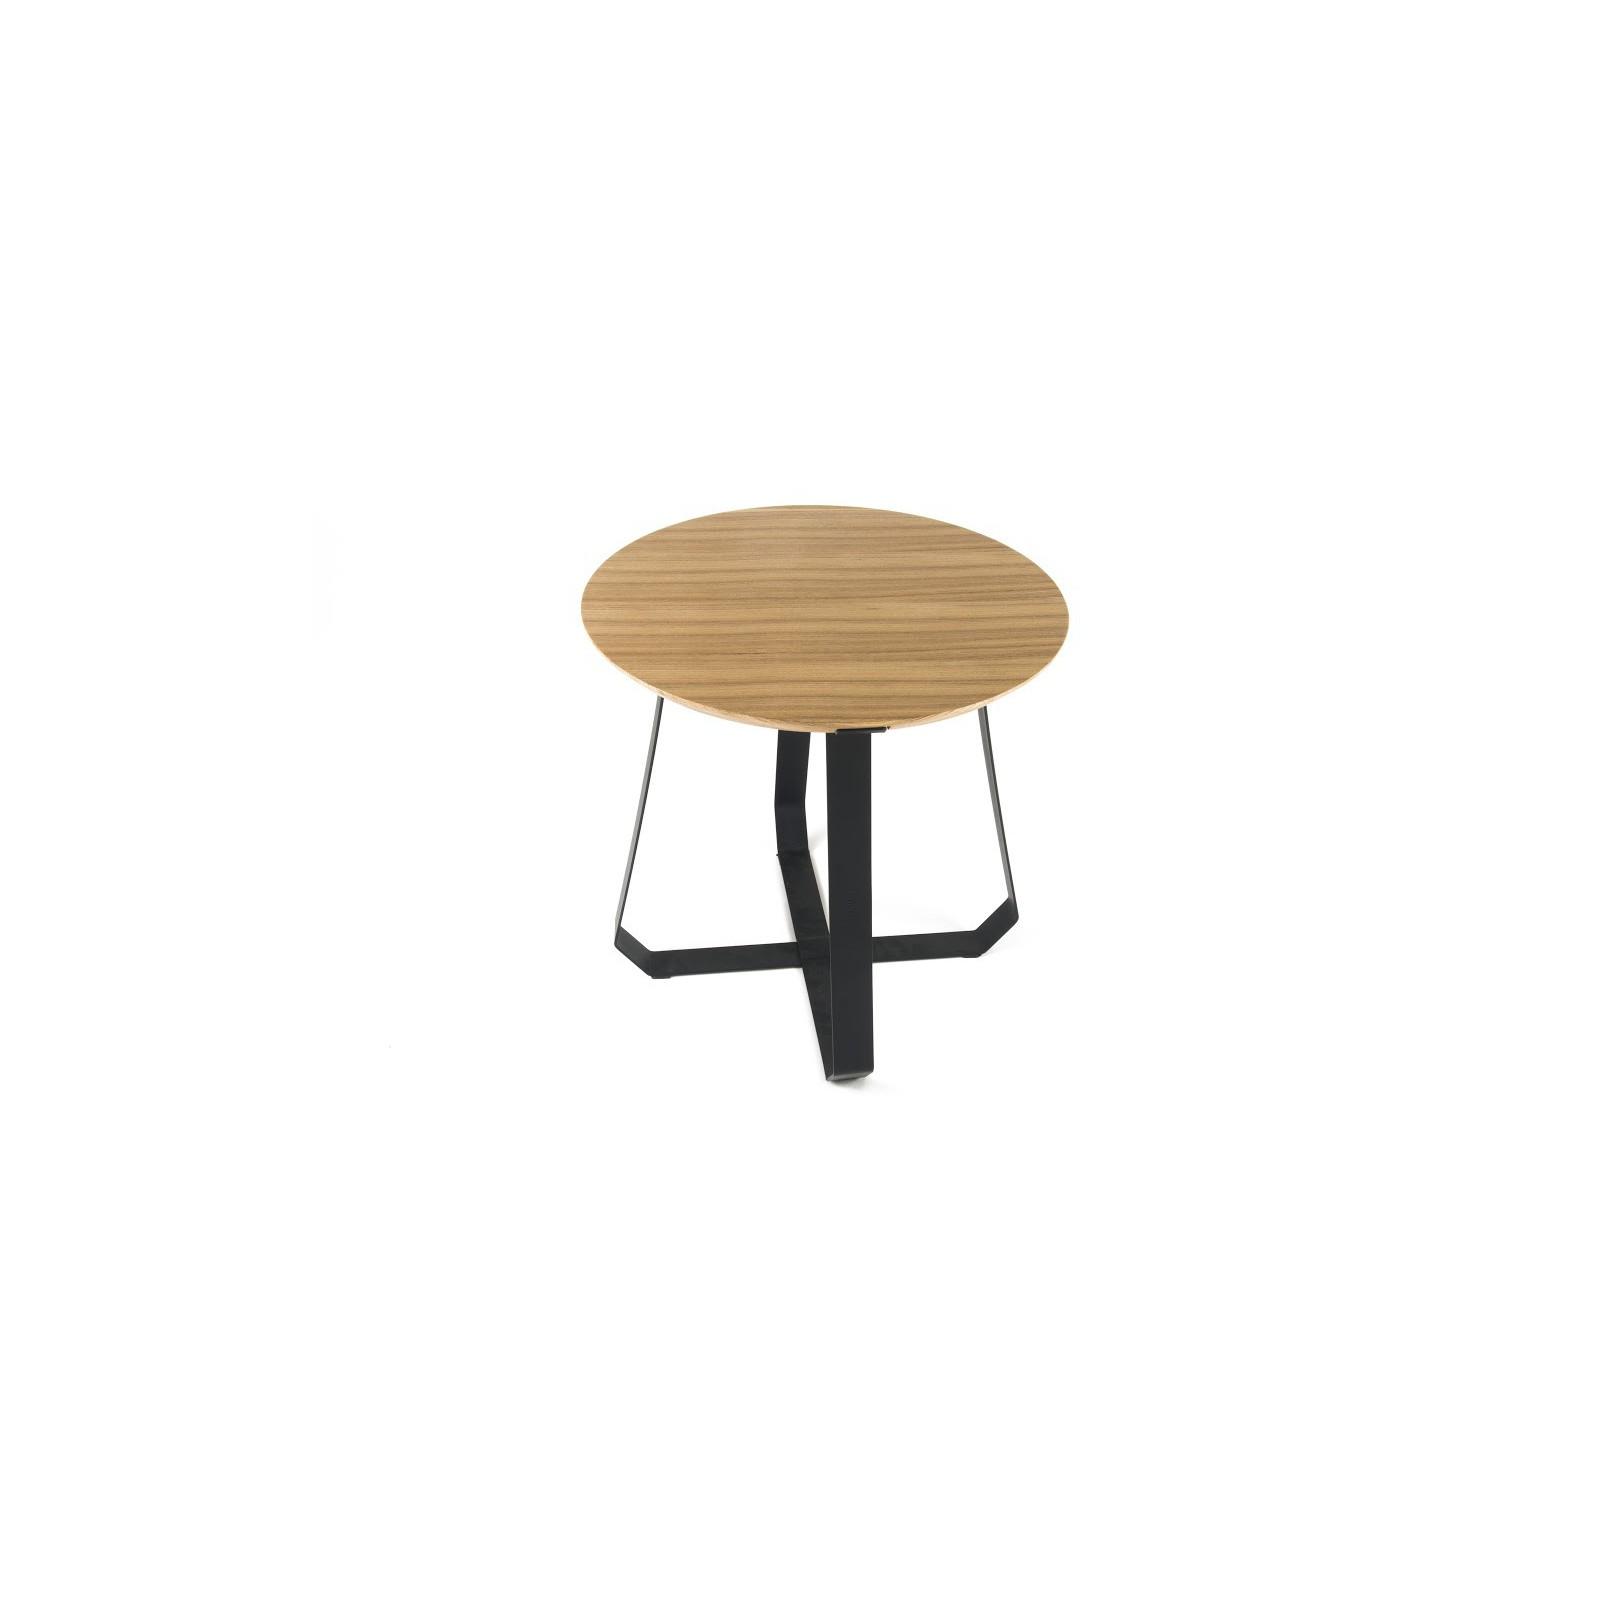 Table d 39 appoint design shunan par puik art - Tables d appoint ...